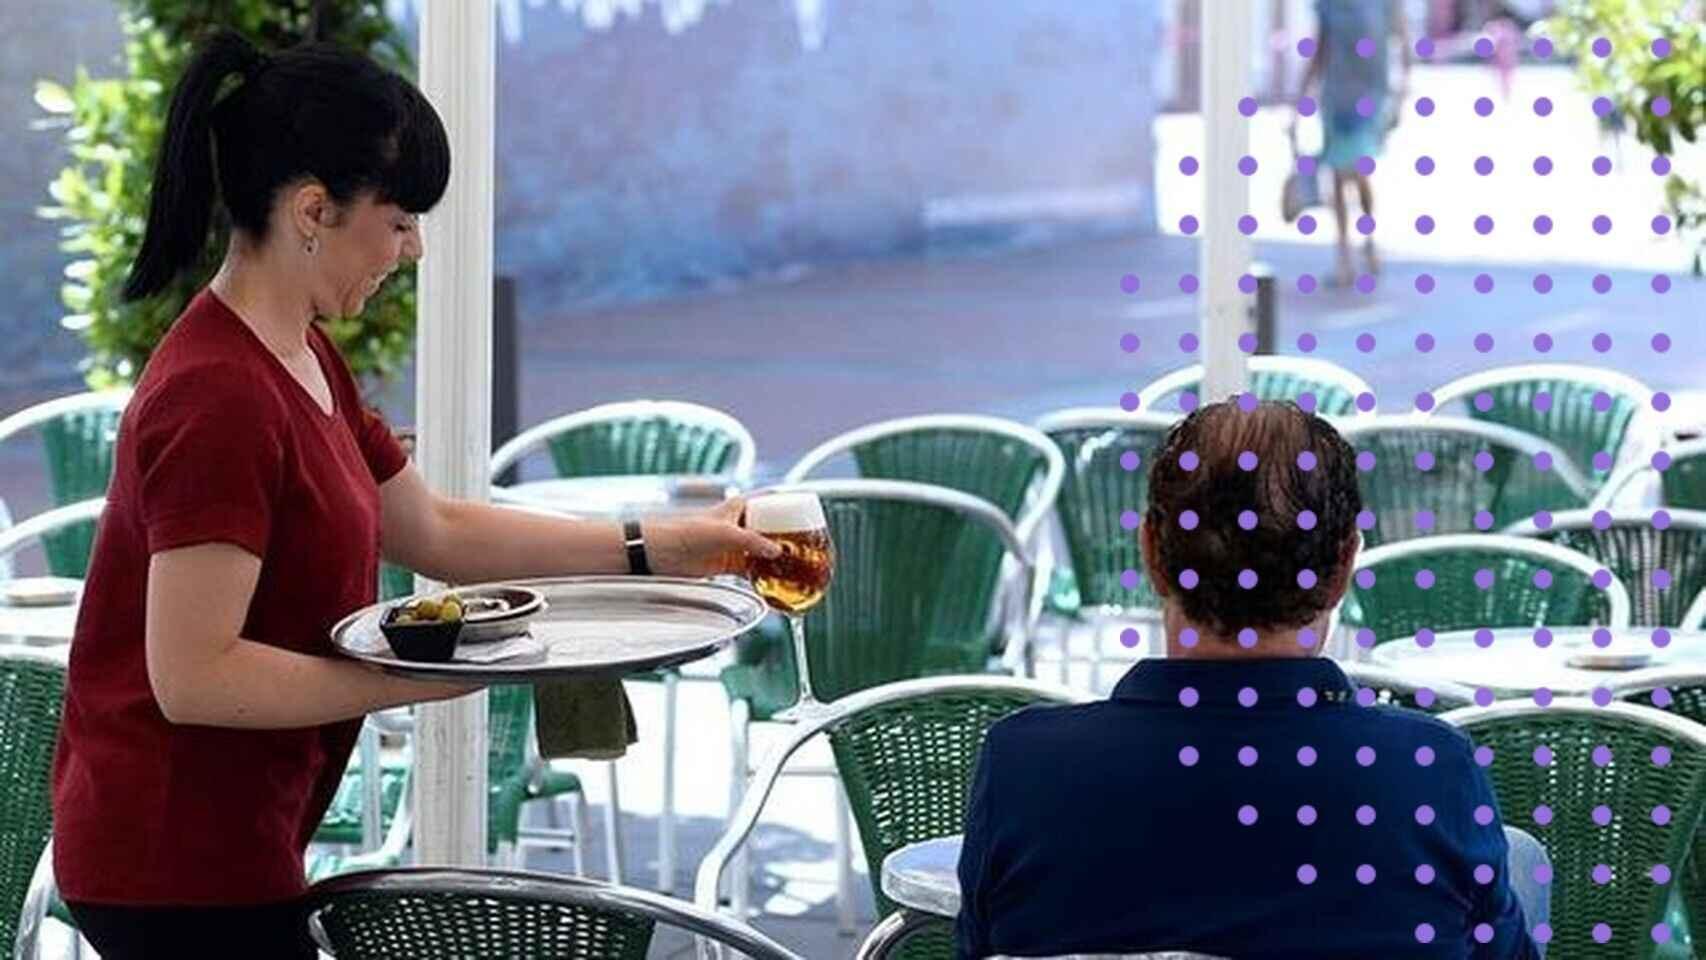 Una camarera atiende a un cliente en una terraza.